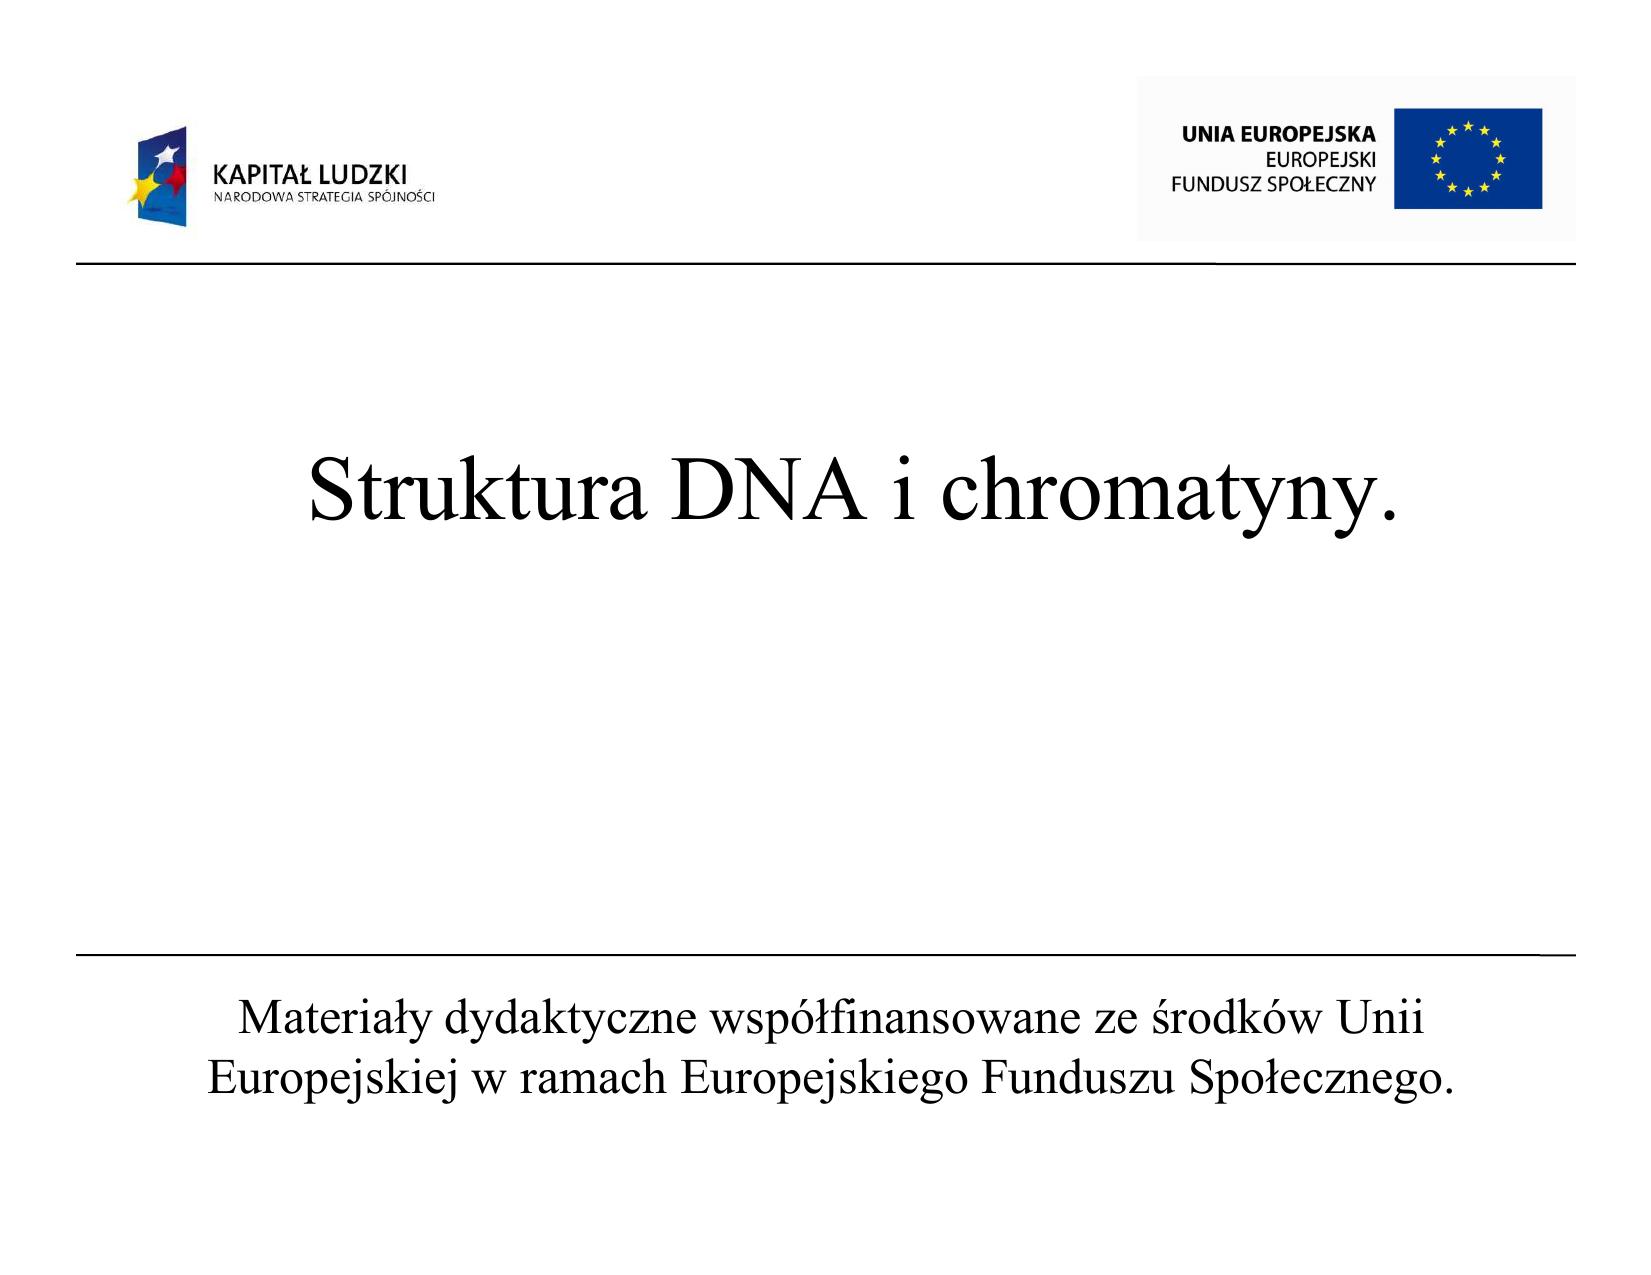 Struktura Dna I Chromatyny